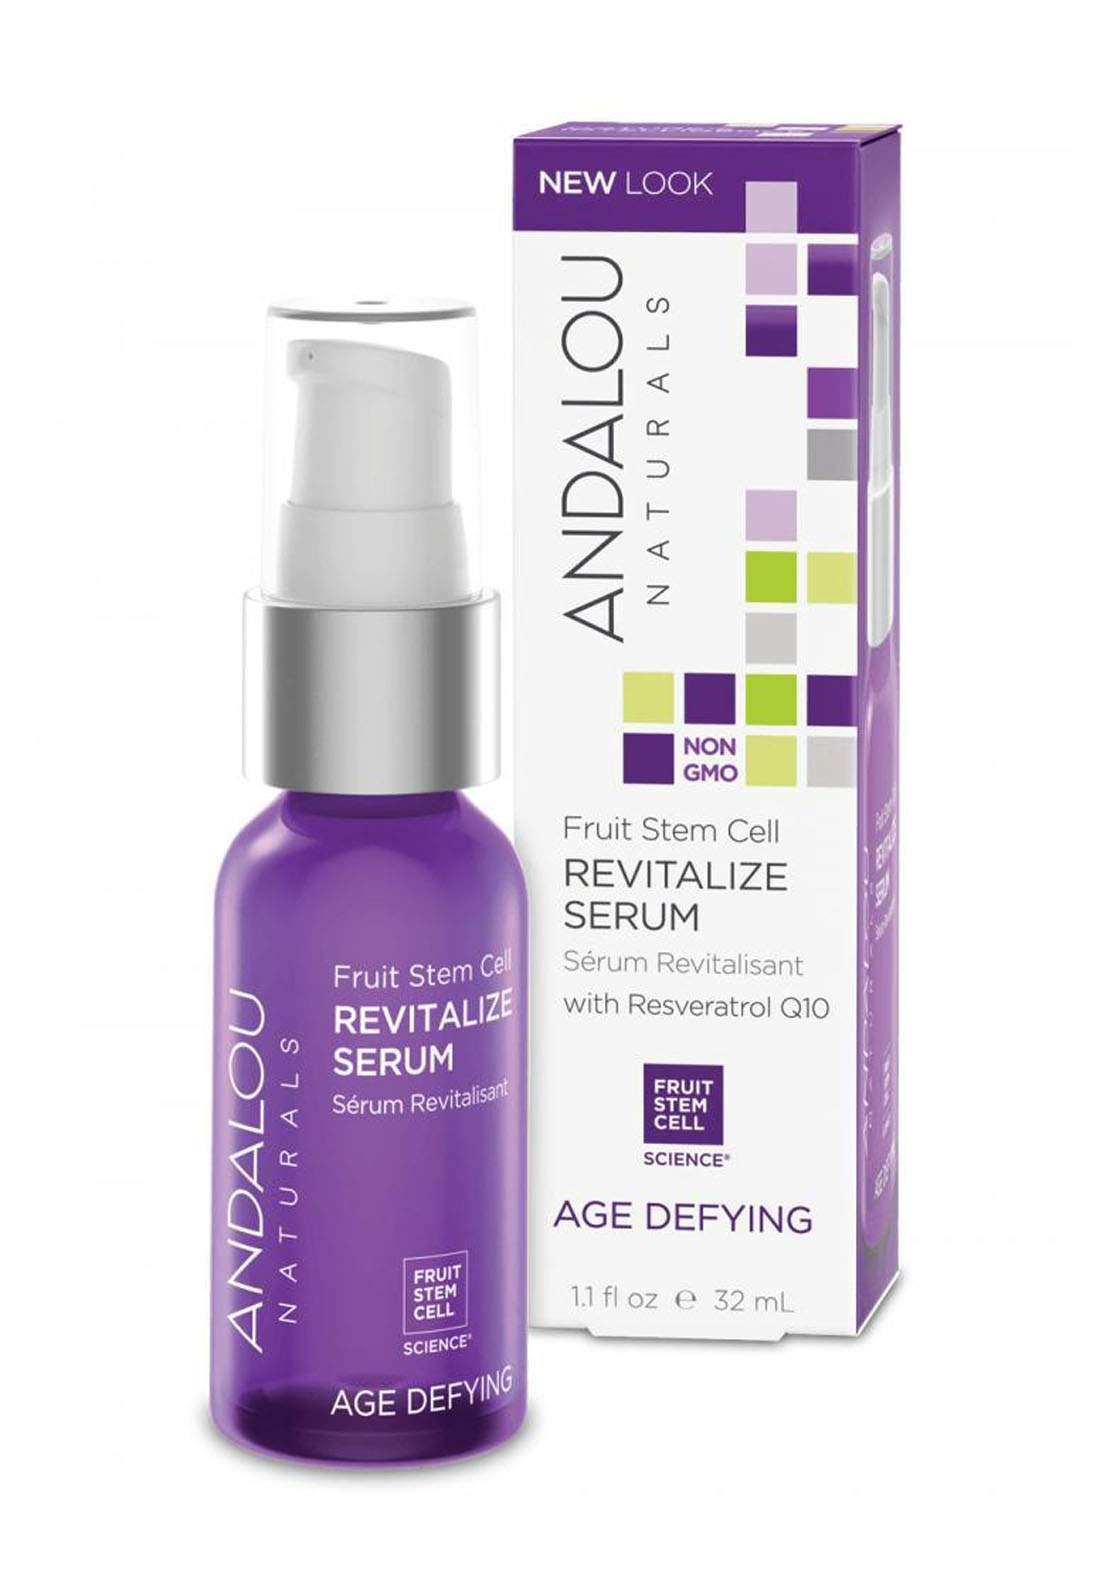 Andalou 2331 Naturals Age Defying Fruit Stem Cell Revitalise Serum 30 ml سيروم للوجه